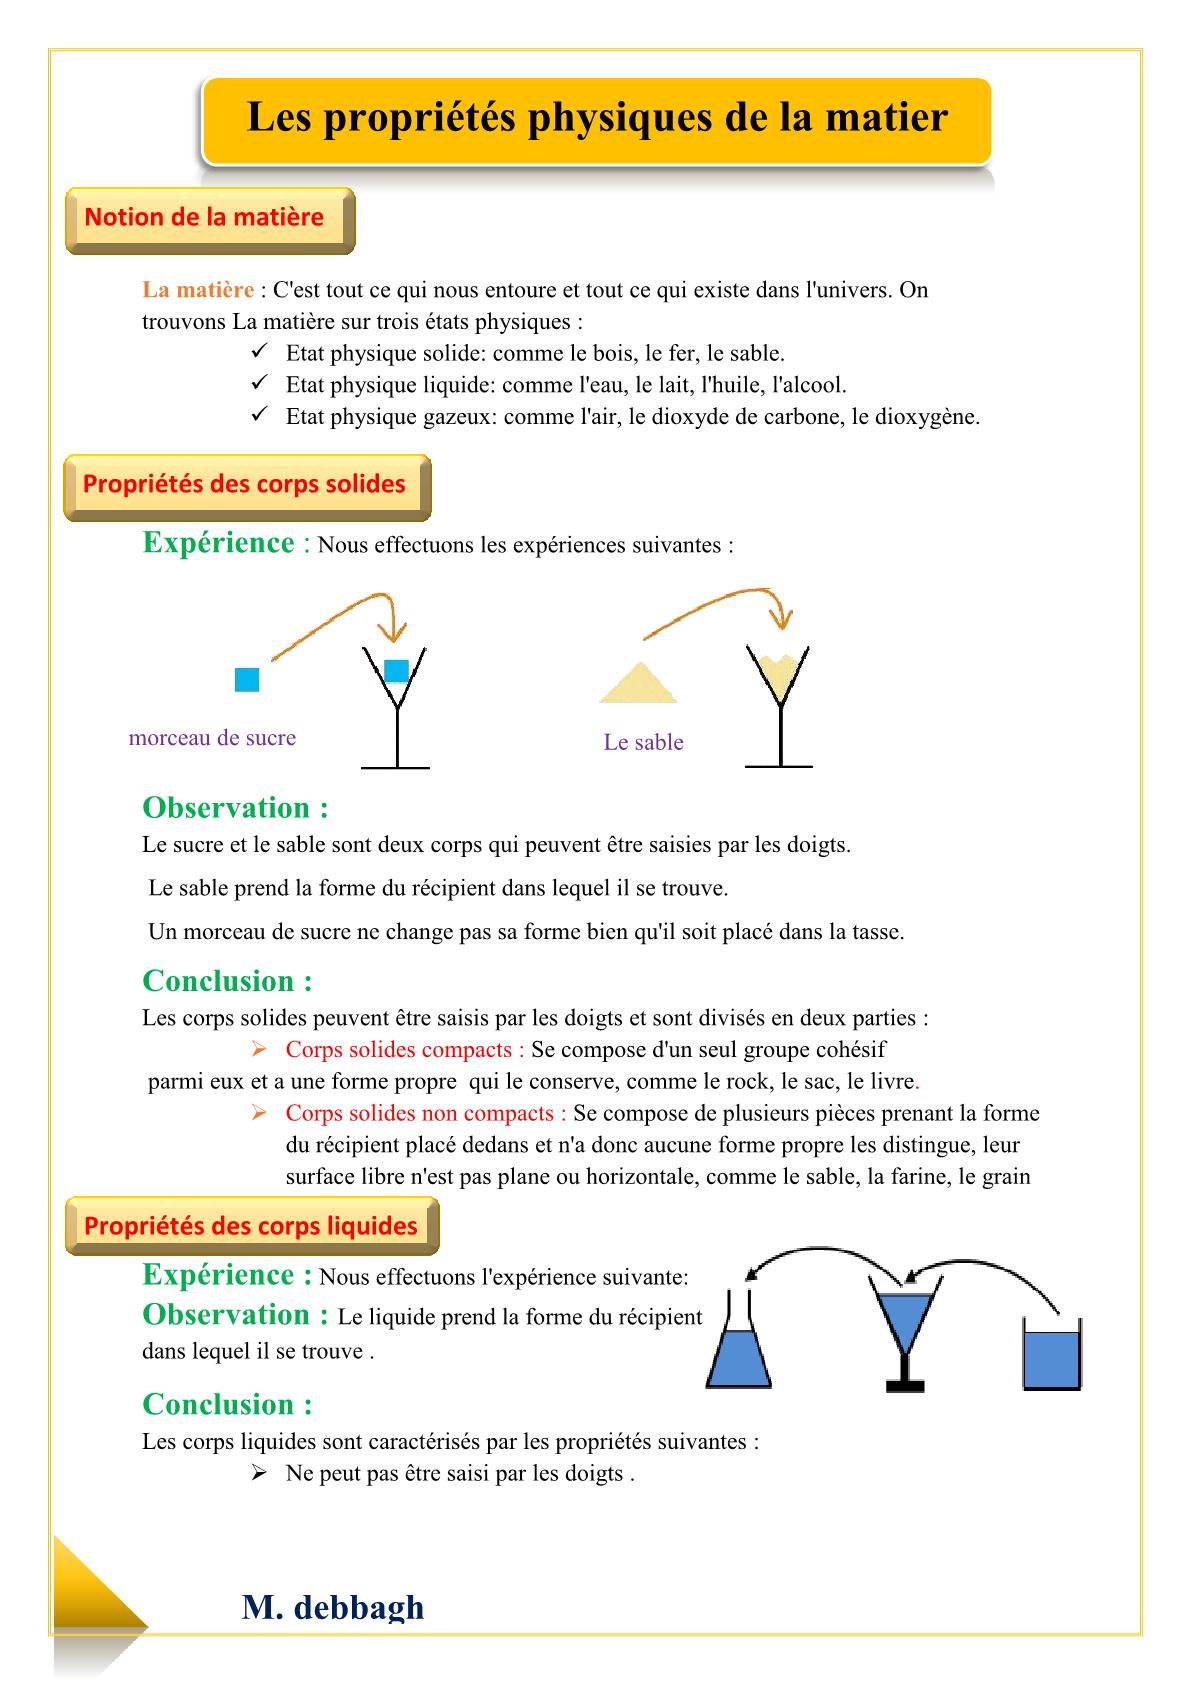 درس Les états physiques de la matière للسنة الأولى اعدادي